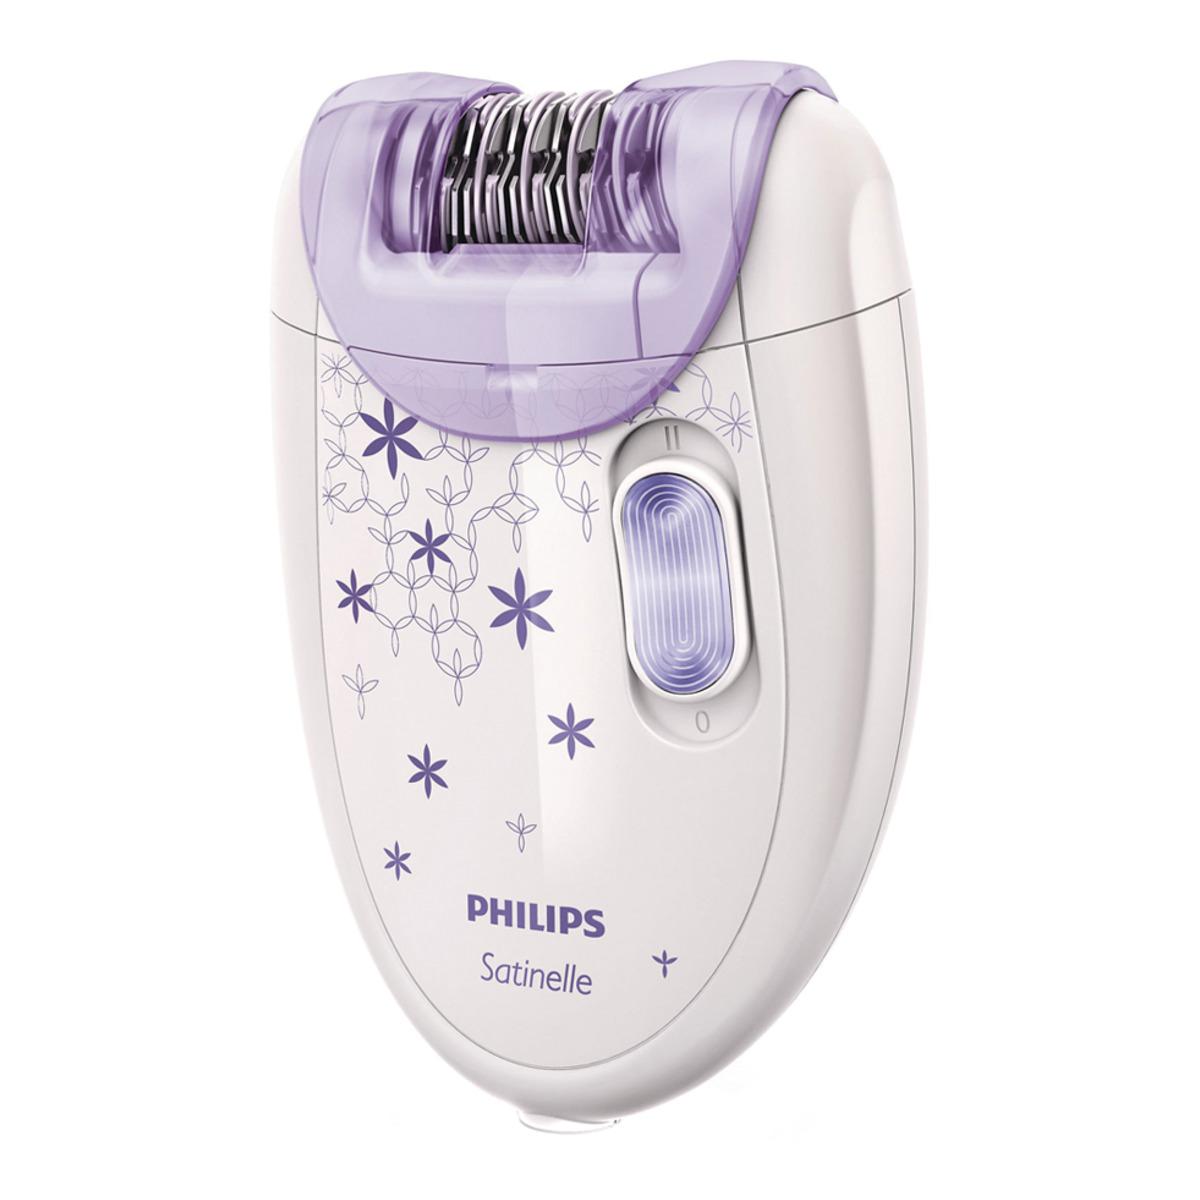 Selecci n de m quinas de depilar para mujeres efe blog - Maquina para rasurar vello pubico ...